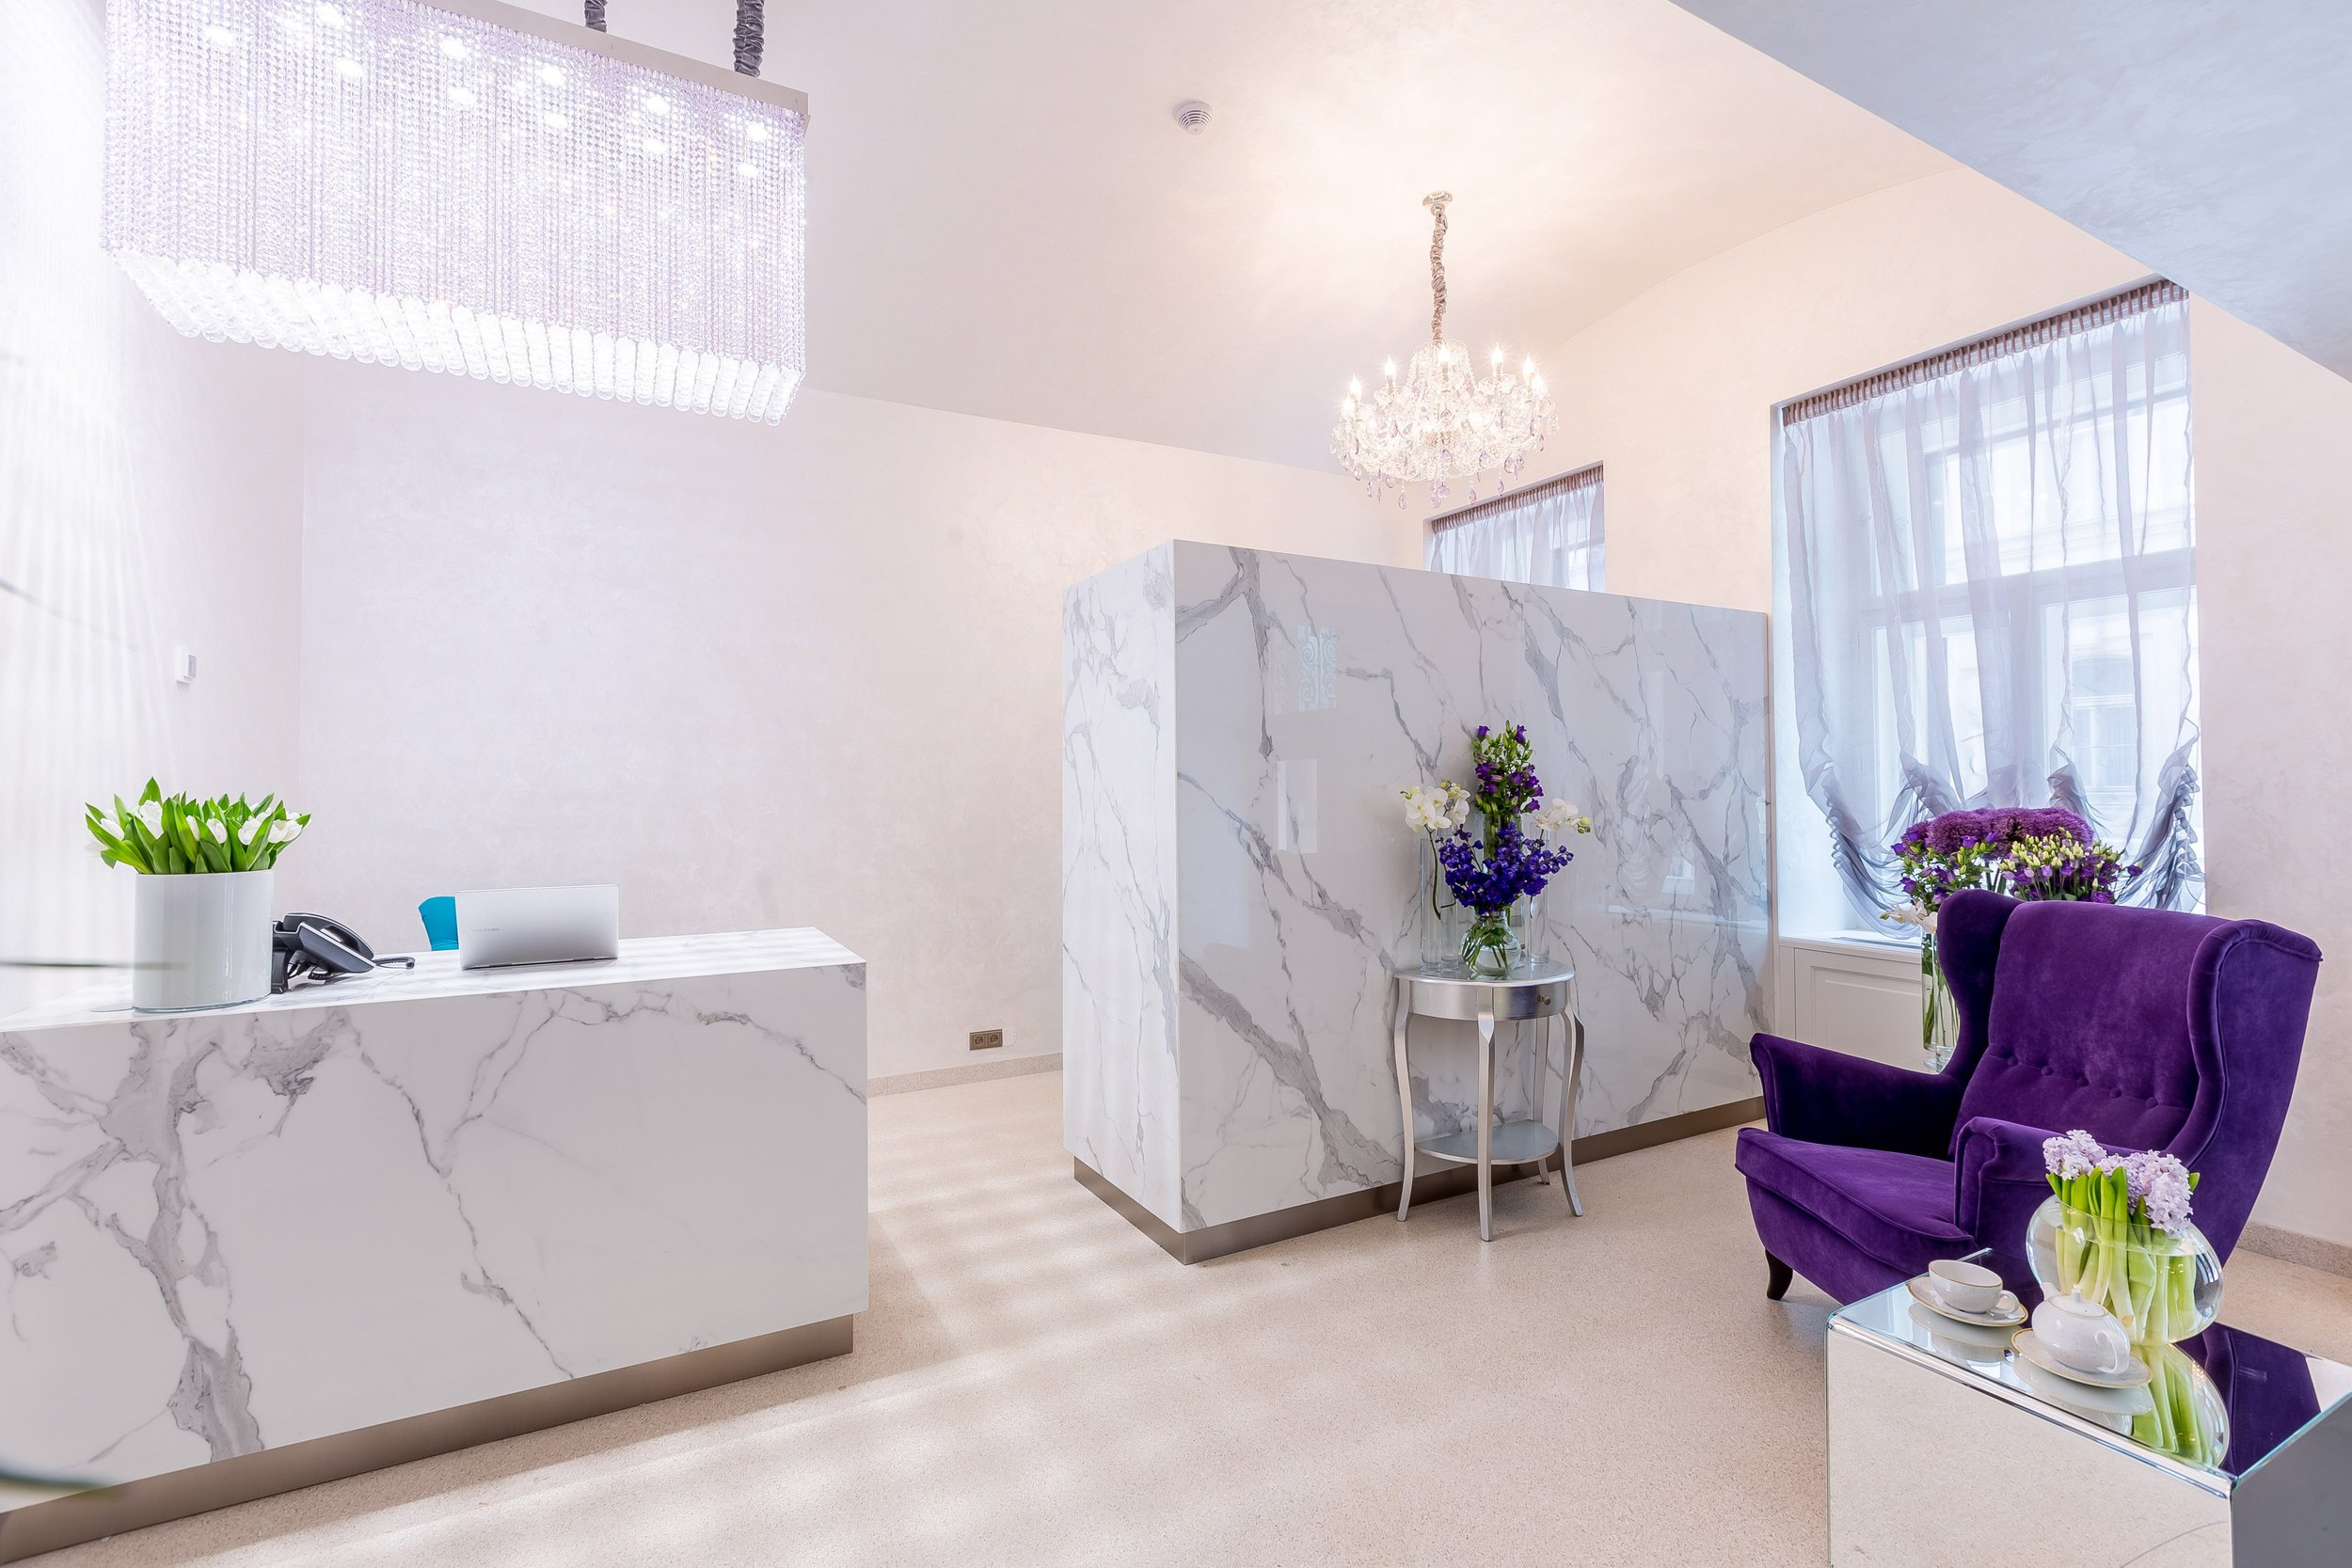 myo-hotel-wenceslas-prague-wranovsky-crystal-chandeliers-2.jpg